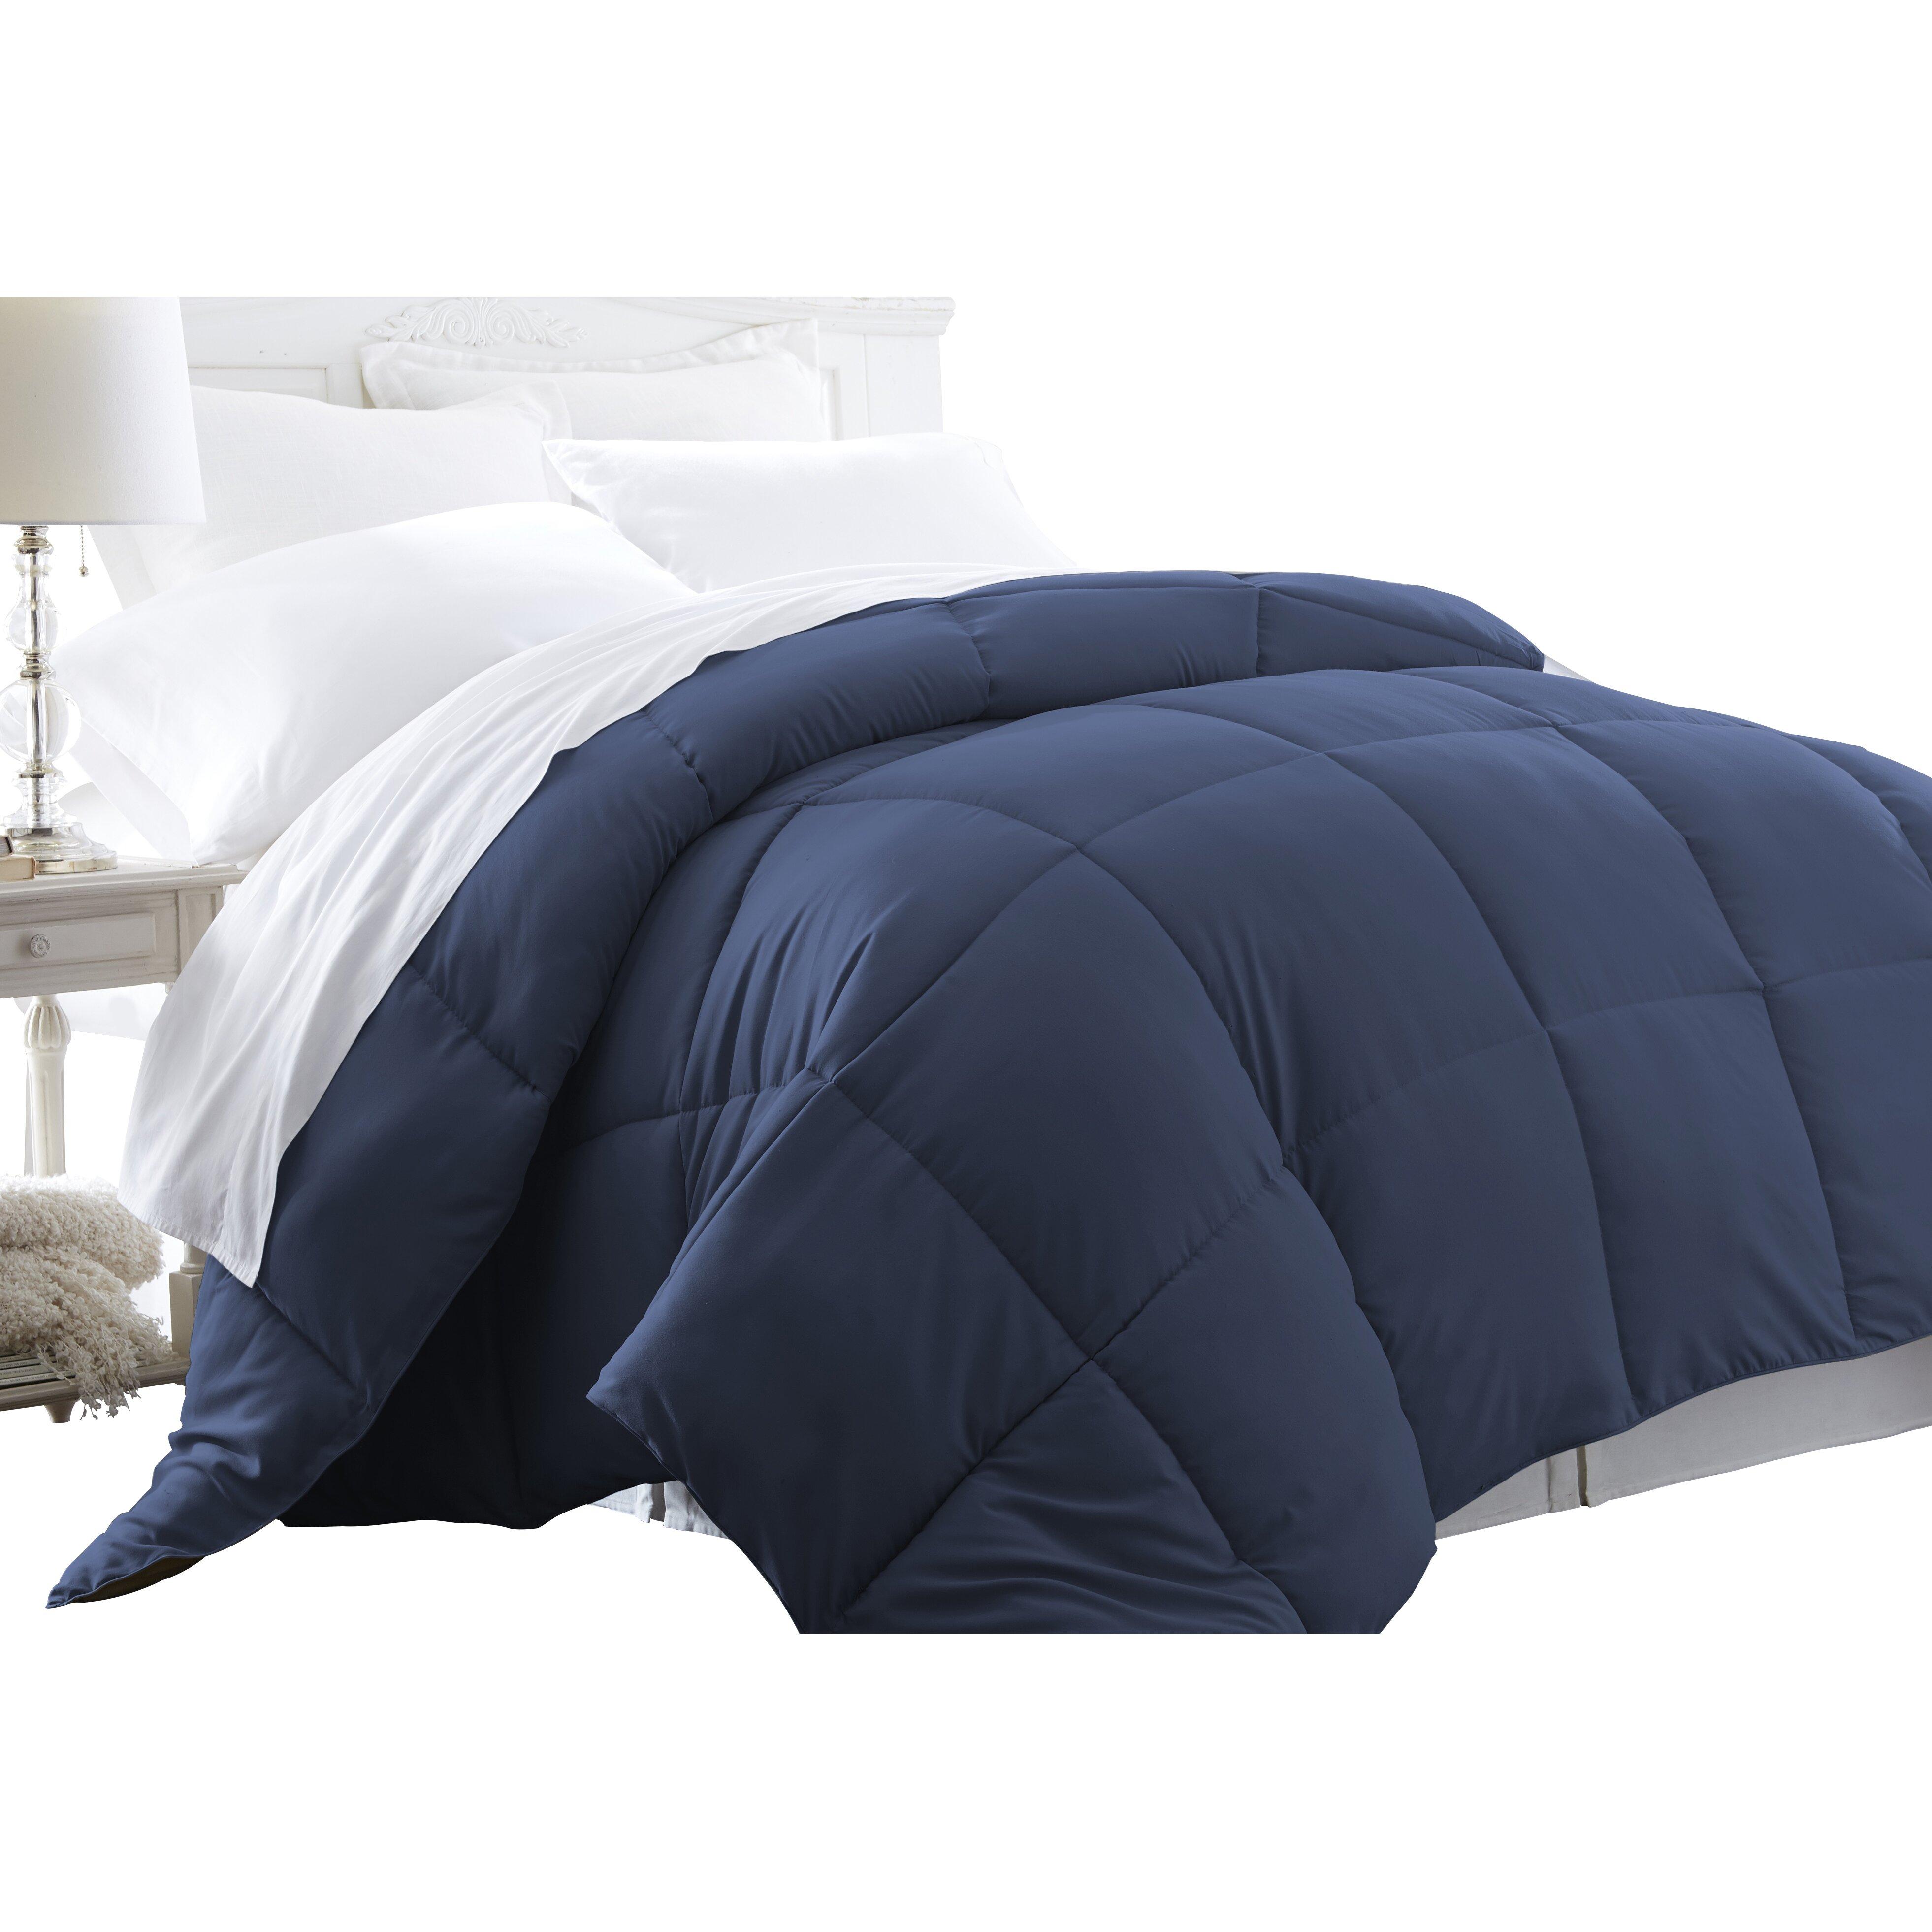 Outdoor Down Blanket Becky Cameron%e%%a Super Plush Down Alternative Comforter